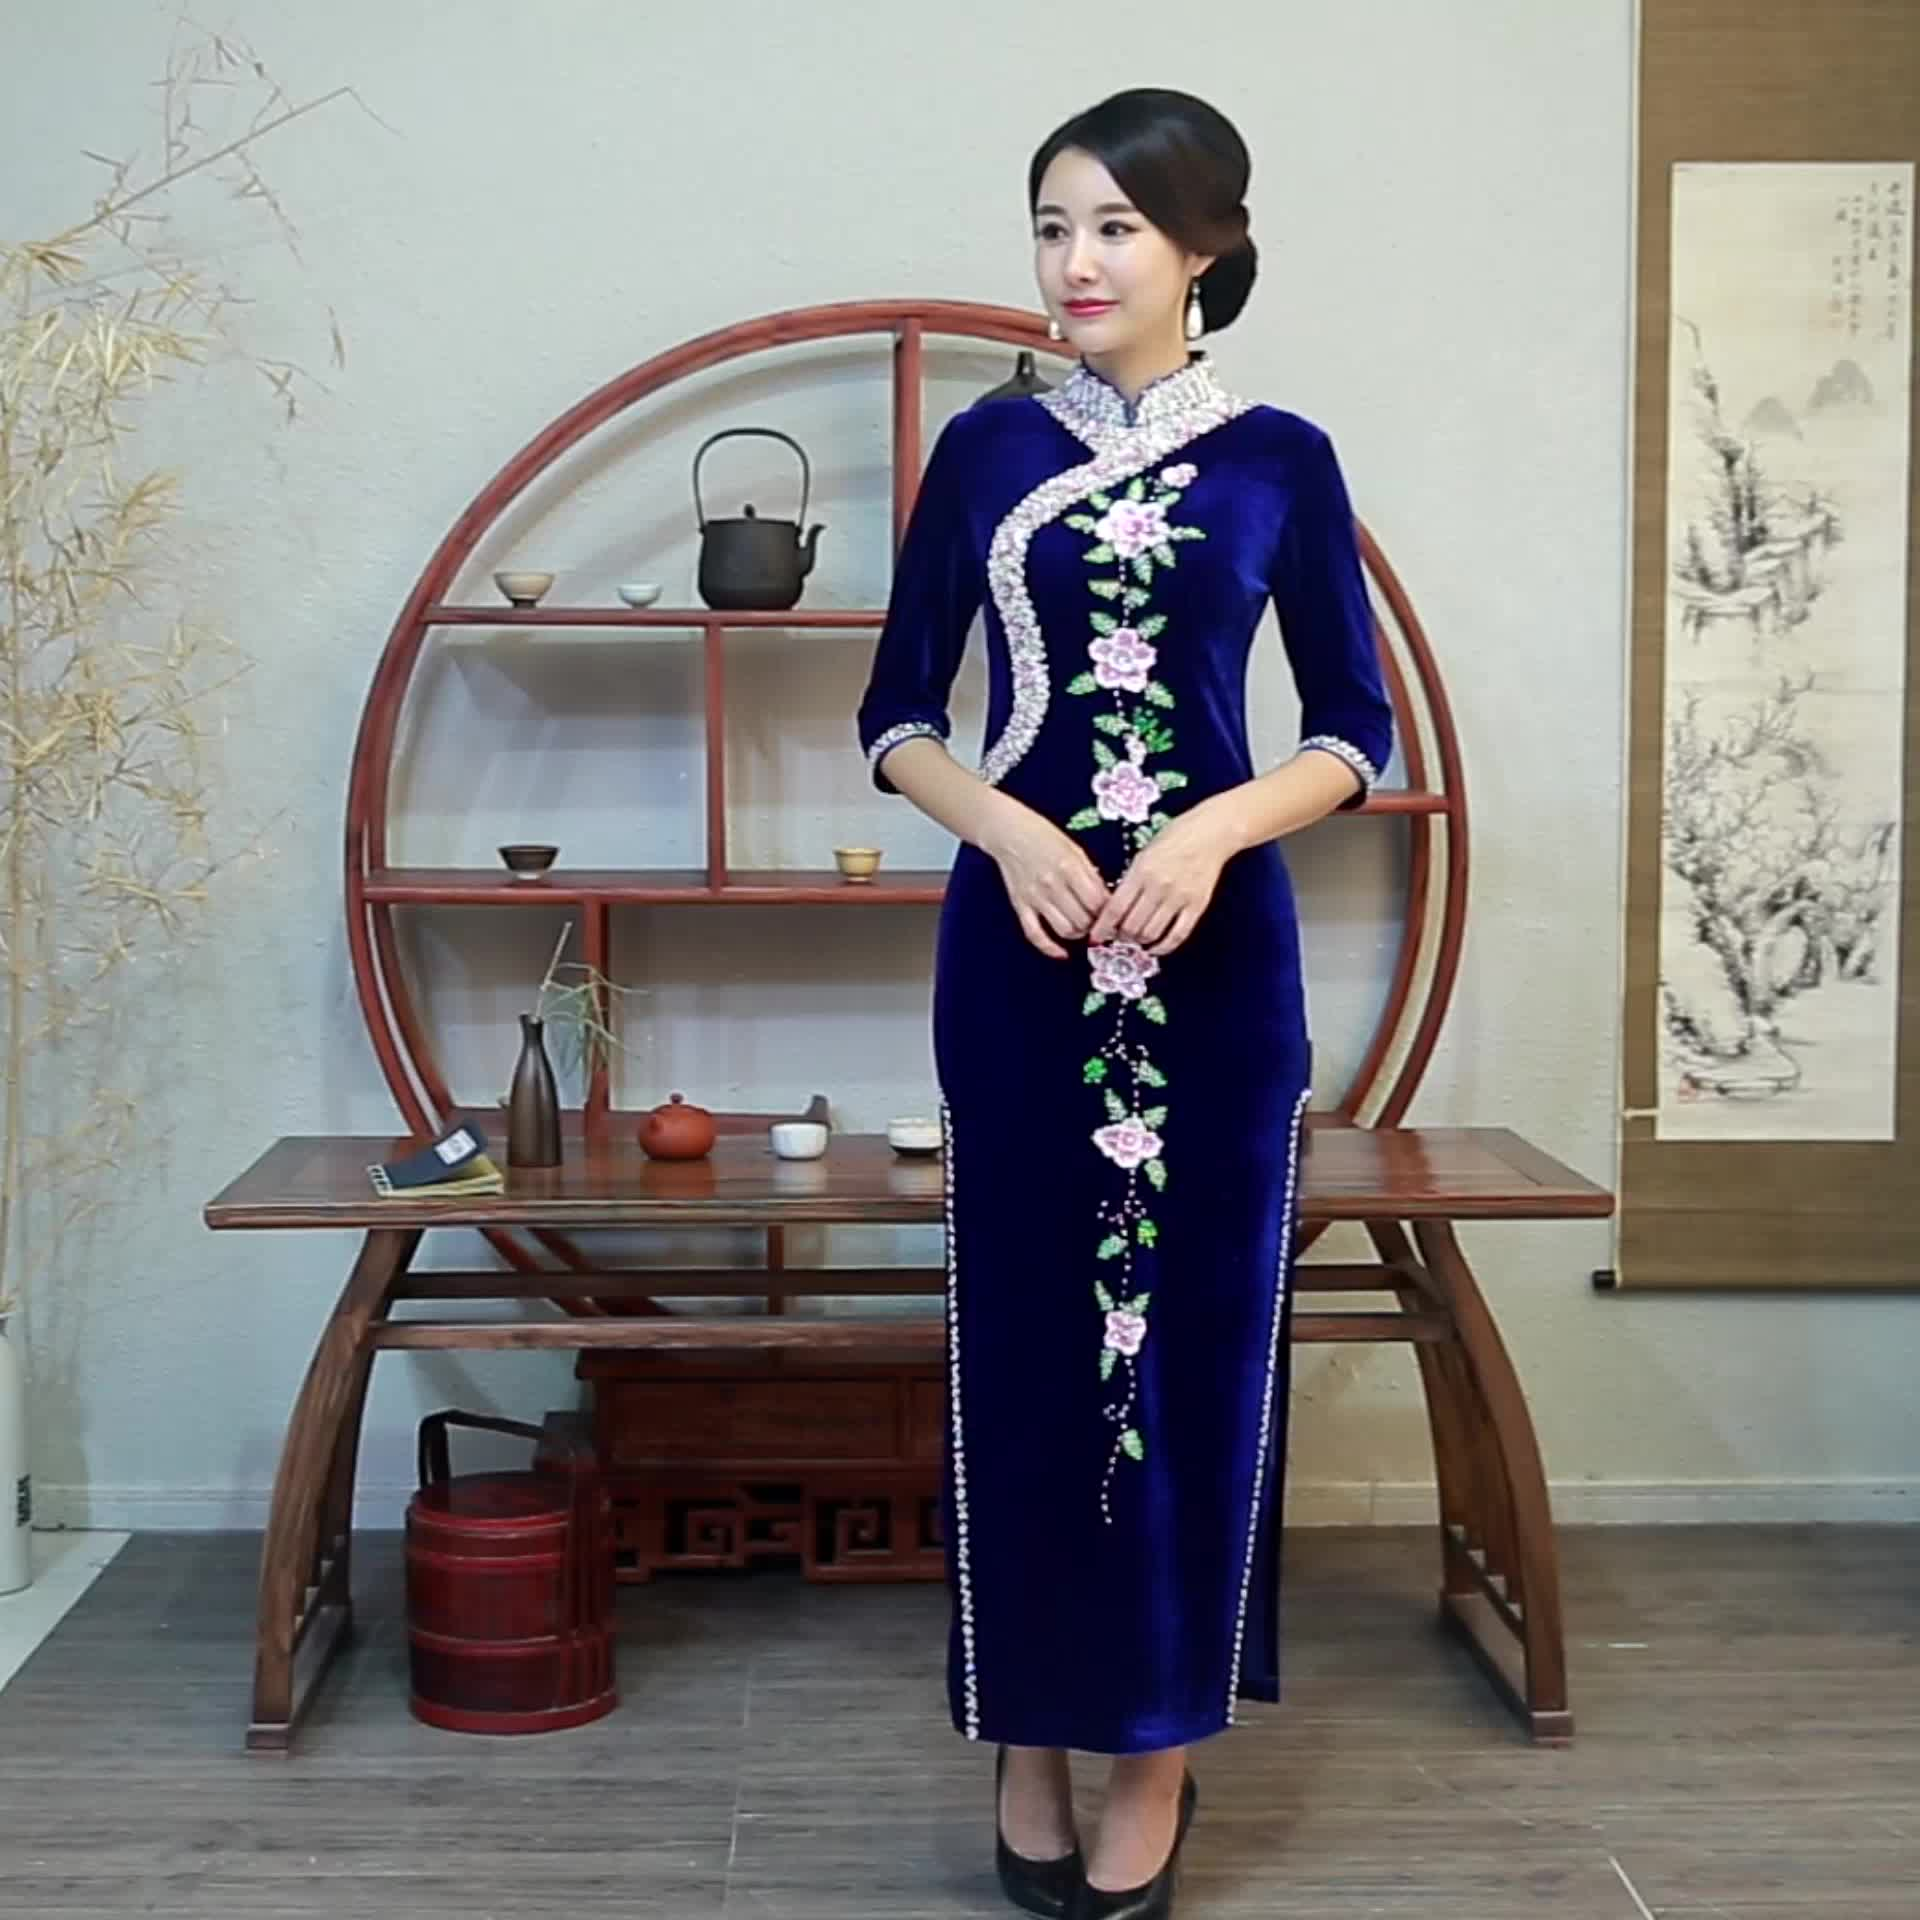 巧祺新品丝绒长款旗袍裙女 时尚改良钉珠旗袍 高端大气妈妈装旗袍